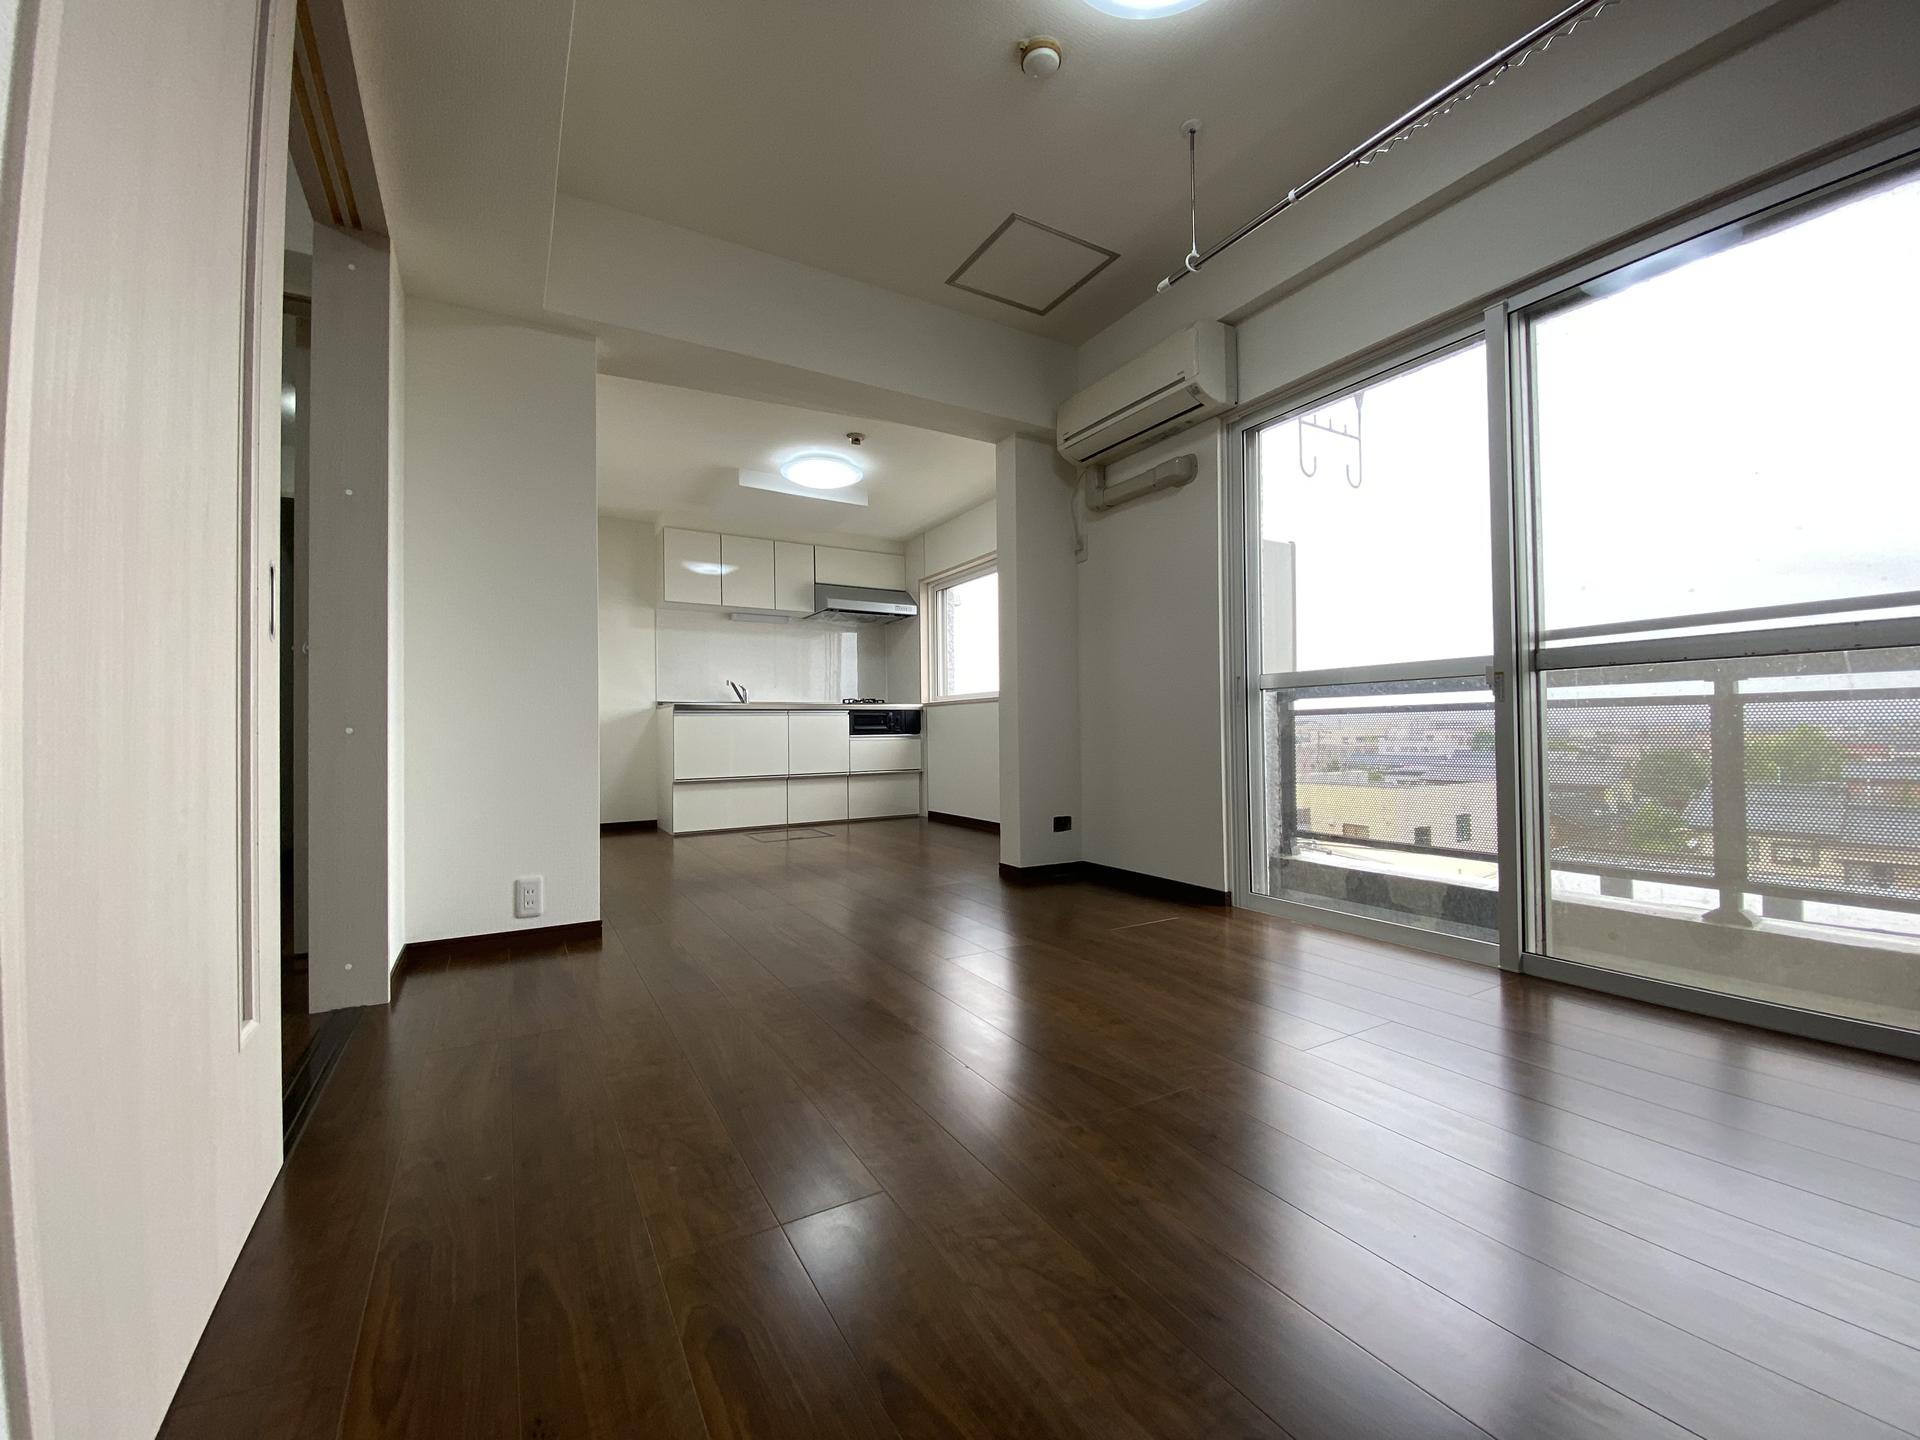 川商マンション 501(5F 北側)